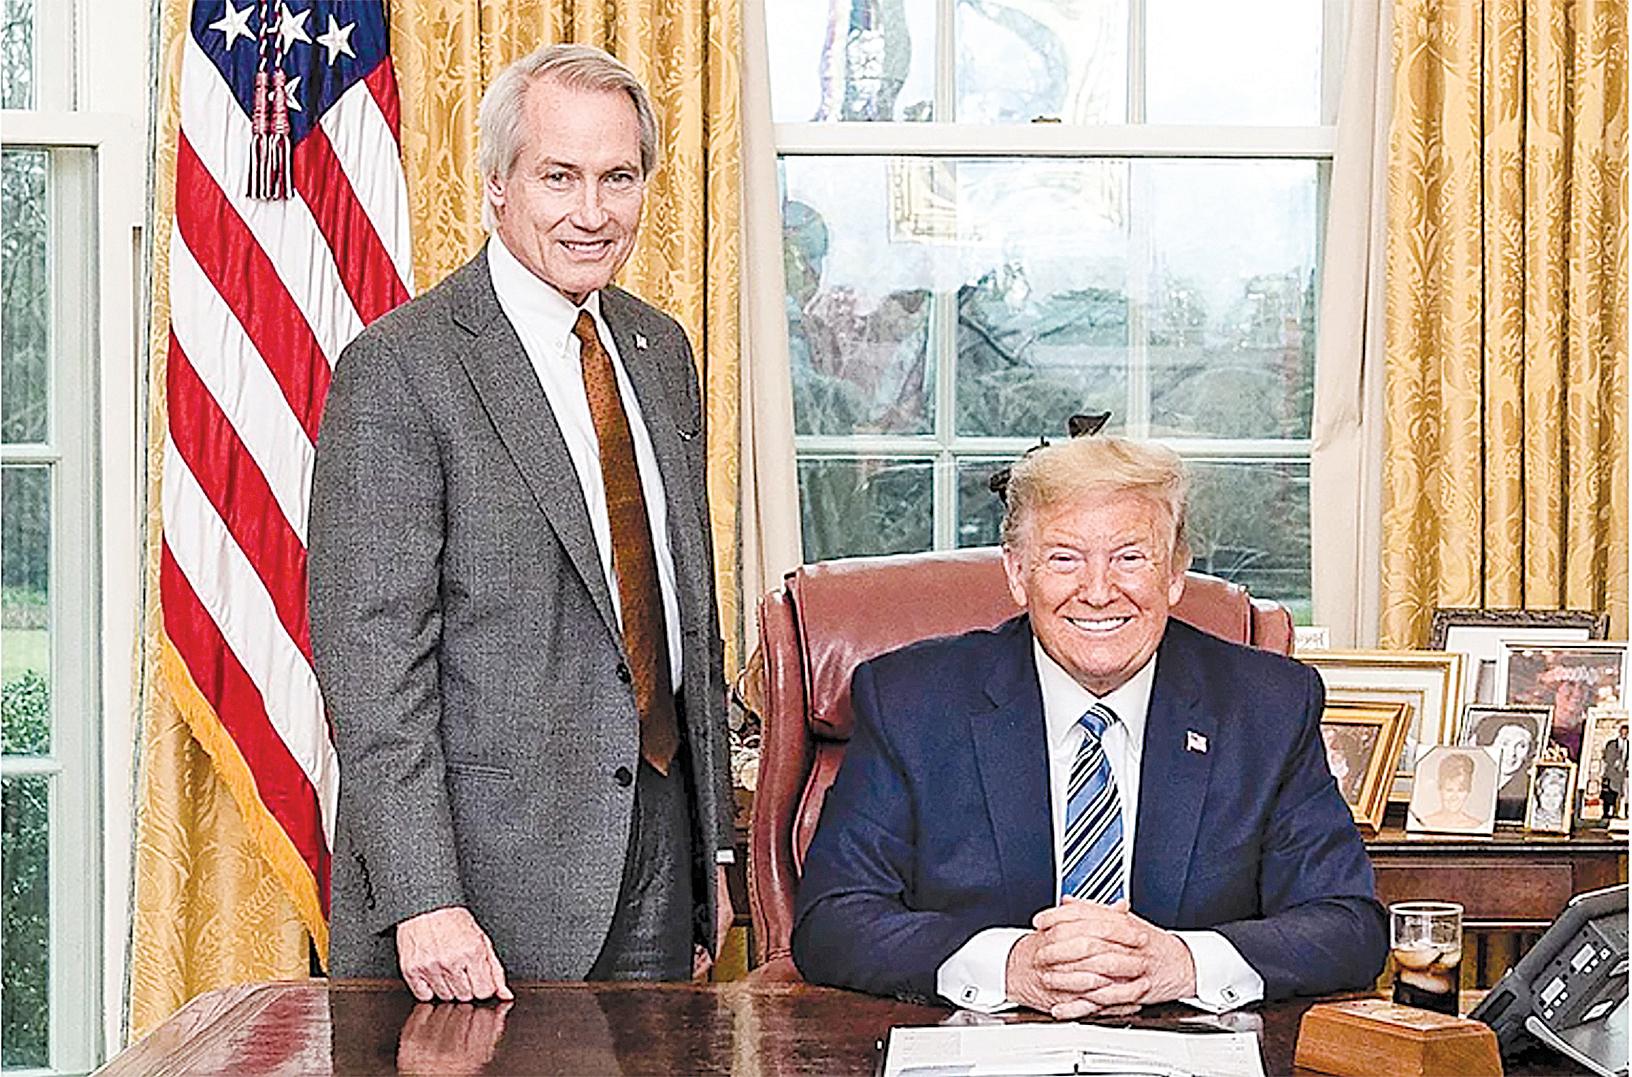 美國頂級大律師林肯伍德(Lucian Lincoln Wood)表示,拜登團隊企圖劫持民意、竊取國家政權,他們將面臨牢獄之災。圖為2020年3月11日,特朗普總統(右)與林肯伍德(左)。(公共領域)